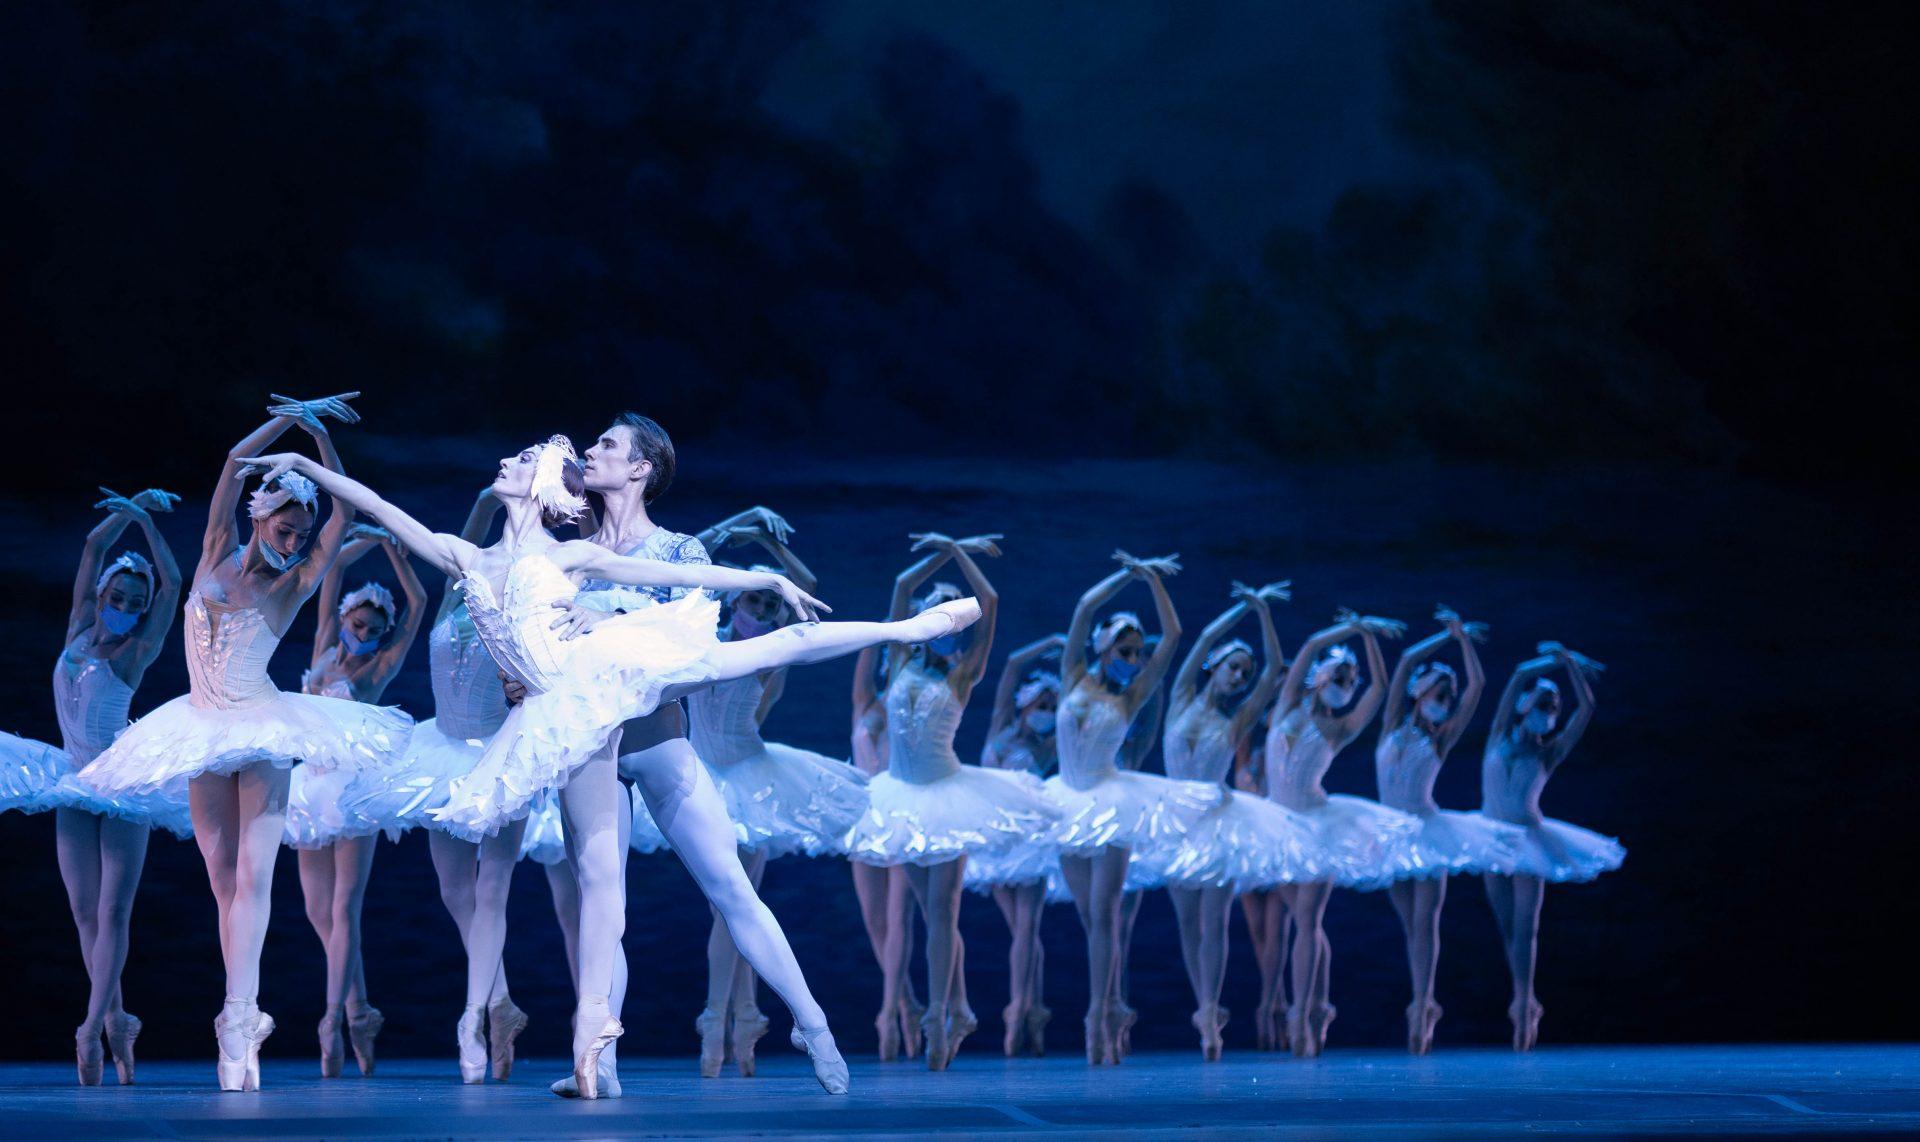 Teatro San Carlo: Debutta lo spettacolo di Balletto a cura diClotilde Vayer in Piazza del Plebiscito